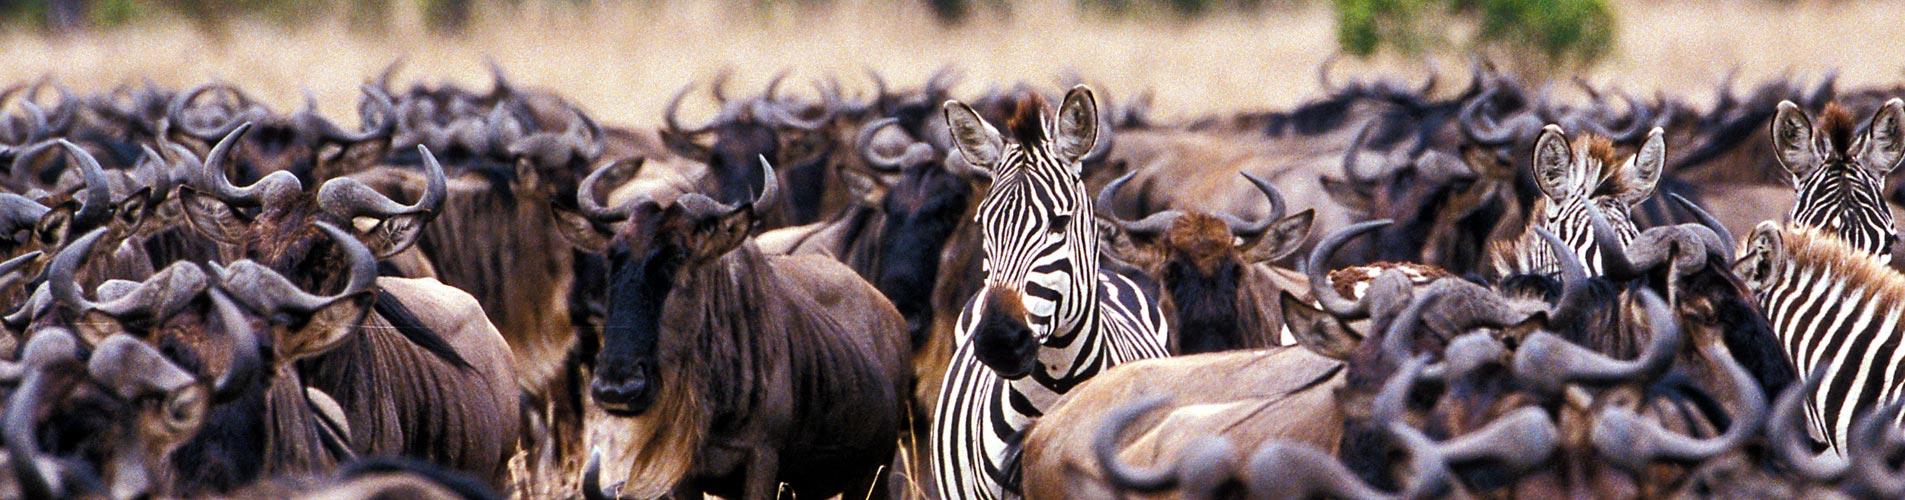 Zebra In Wildebeest Herd in Kenya